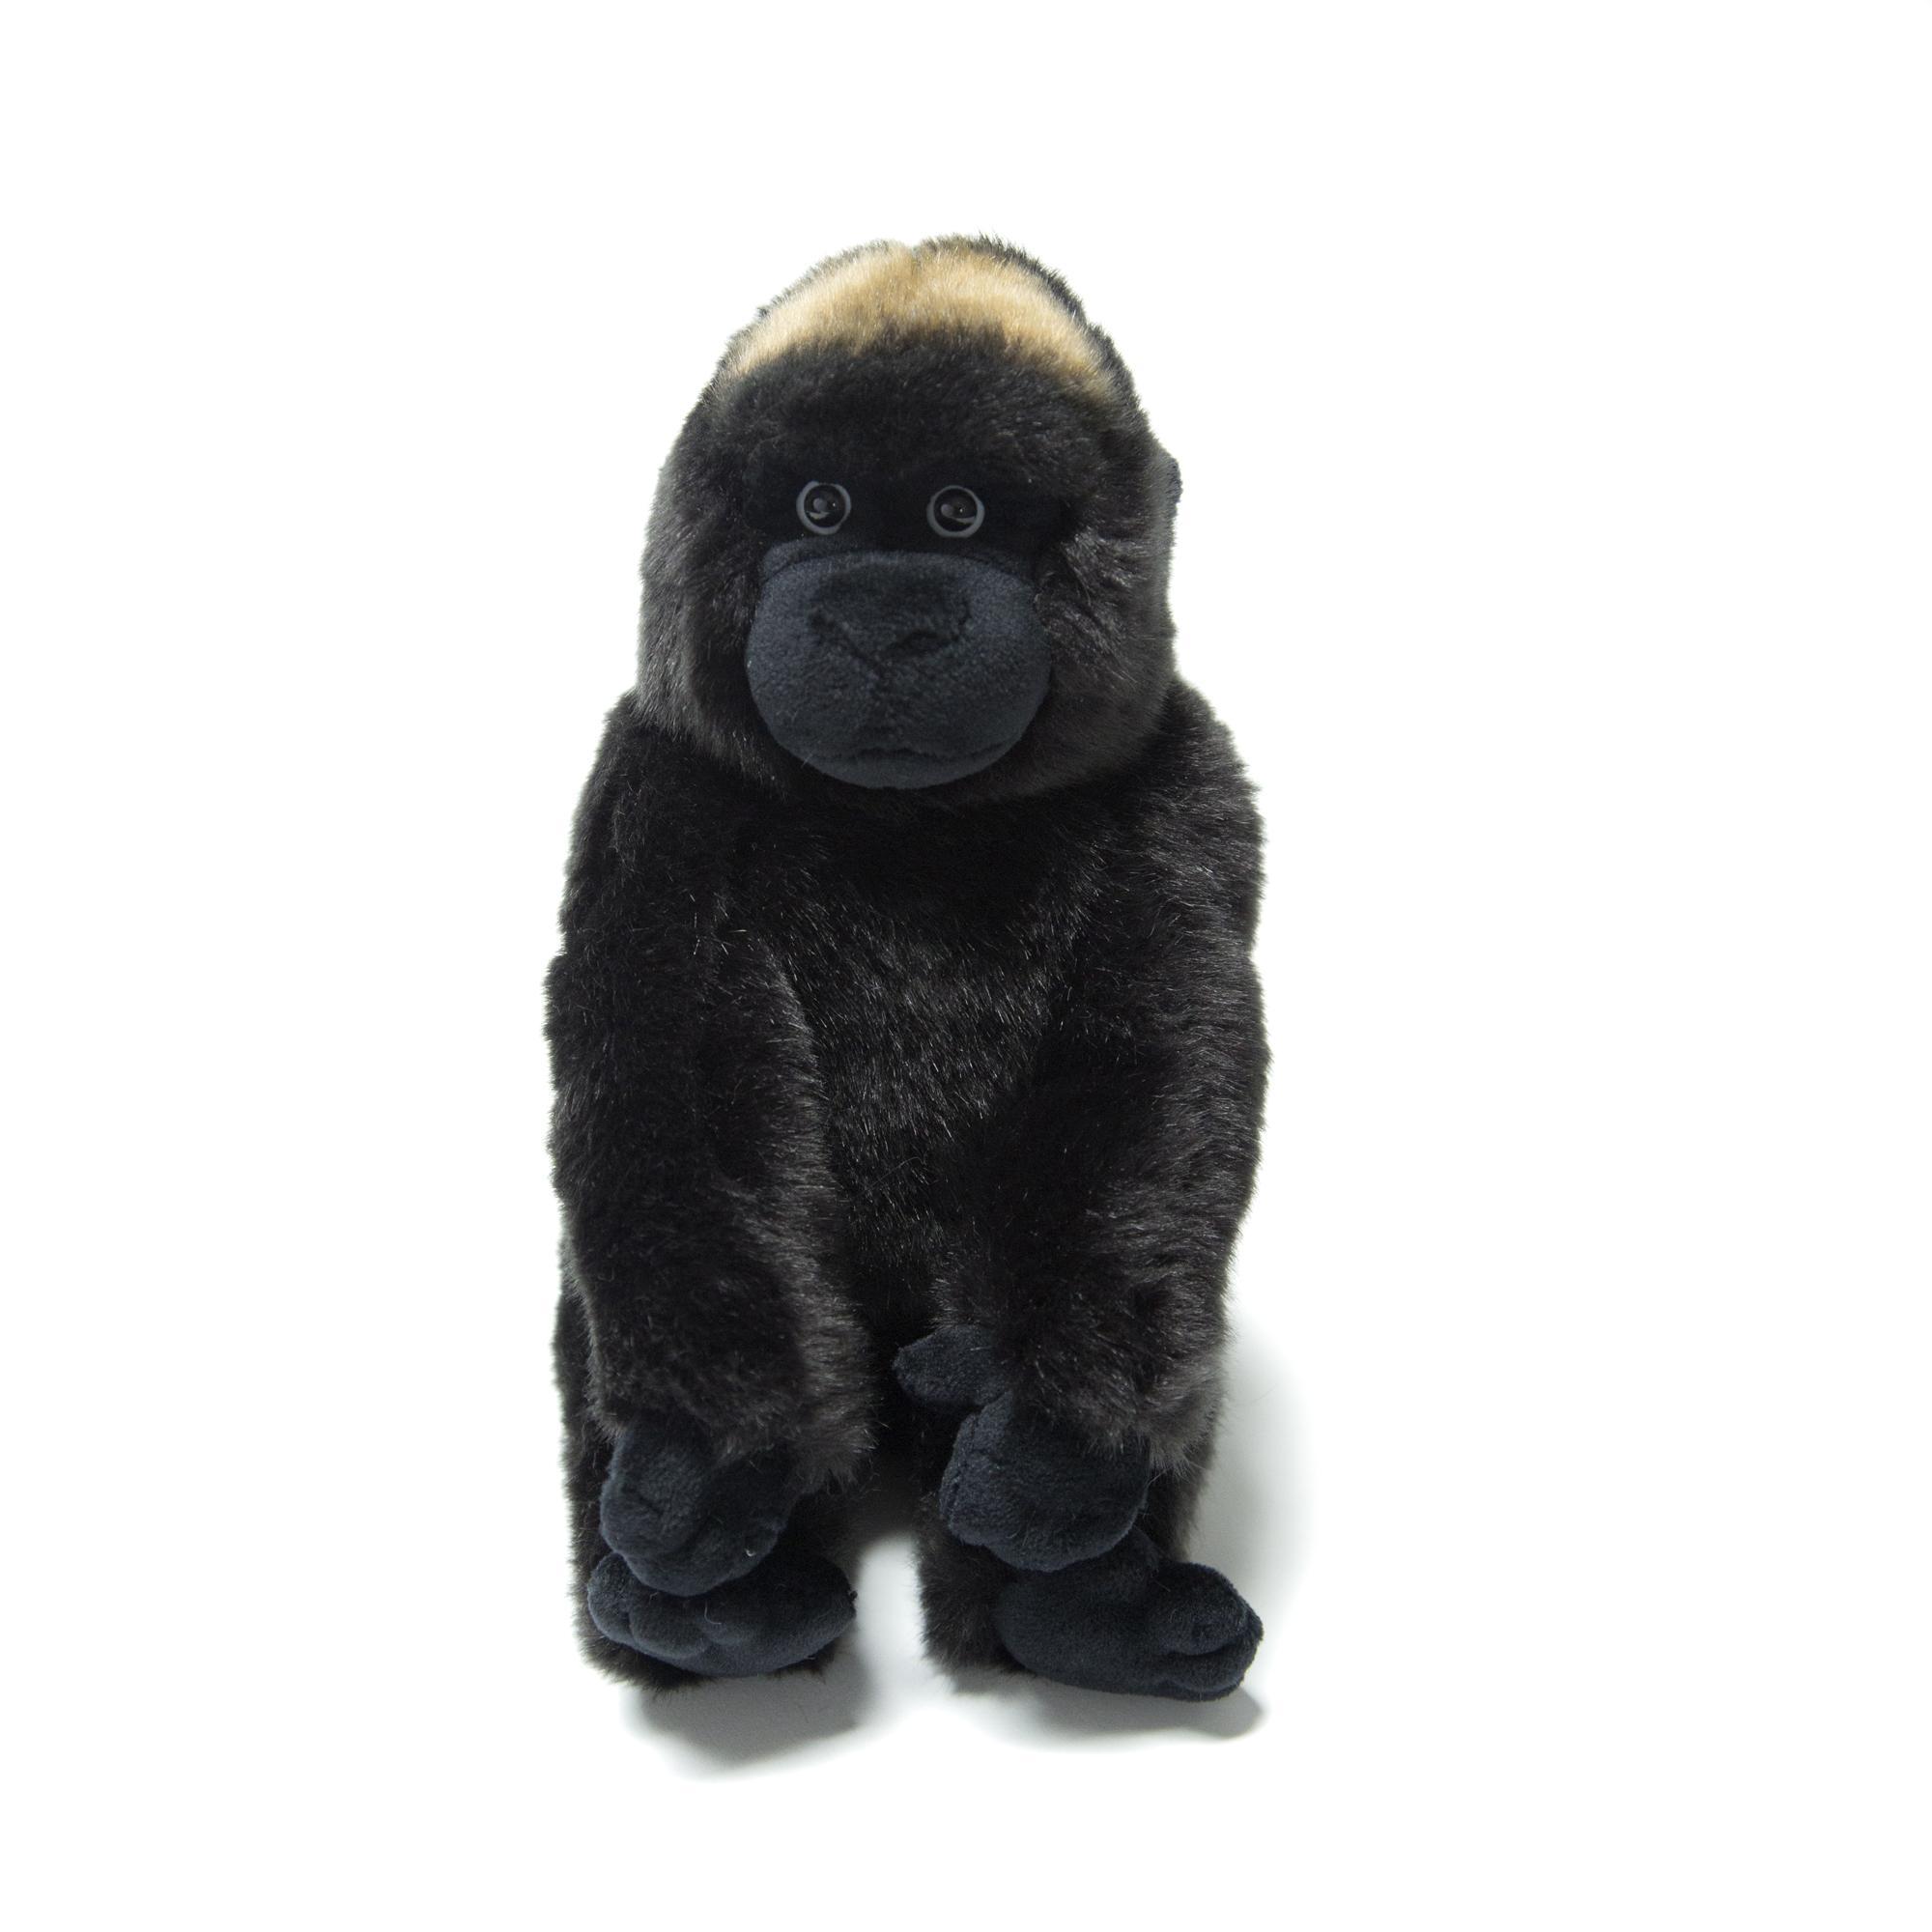 Купить Игрушка плюшевая Детеныш Гориллы , серый, 18 см.